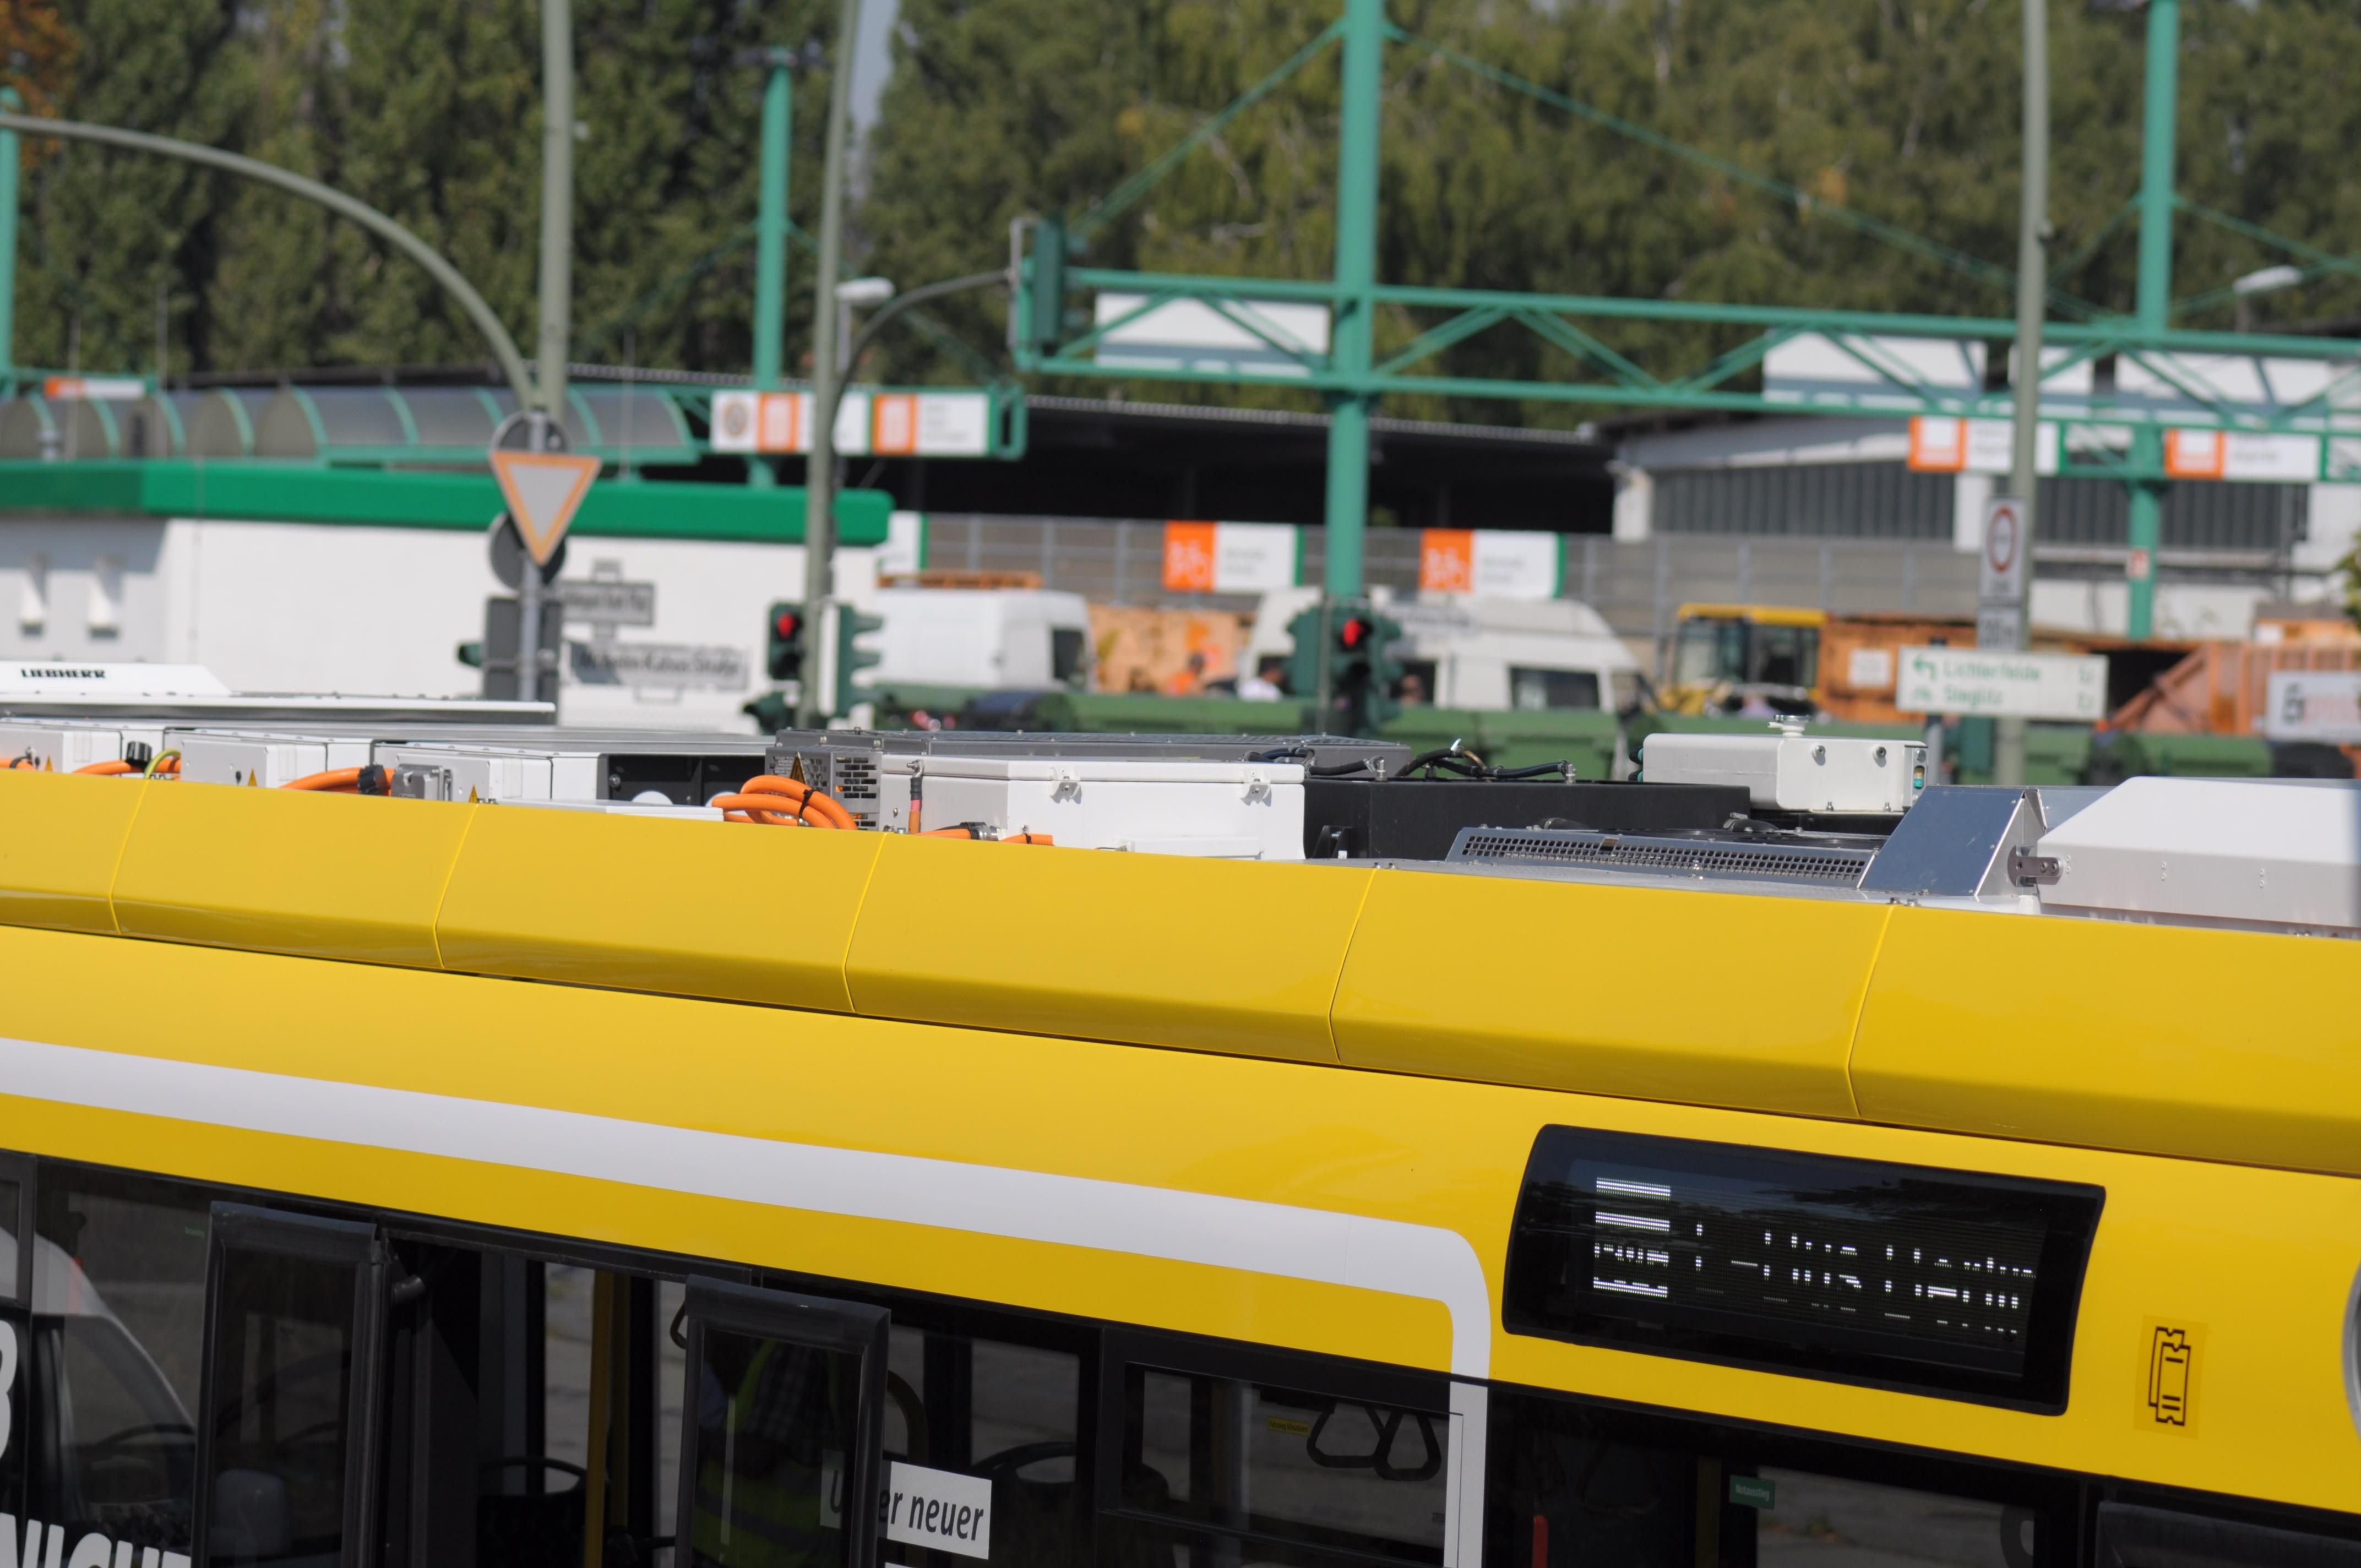 Bombardier Primove: Die BVG hat Probleme mit ihren Berliner Induktionsbussen - Die Seitenverkleidung versteckt den Aufbau etwas. Dieselbusse haben diese nicht. (Foto: Andreas Sebayang/Golem.de)